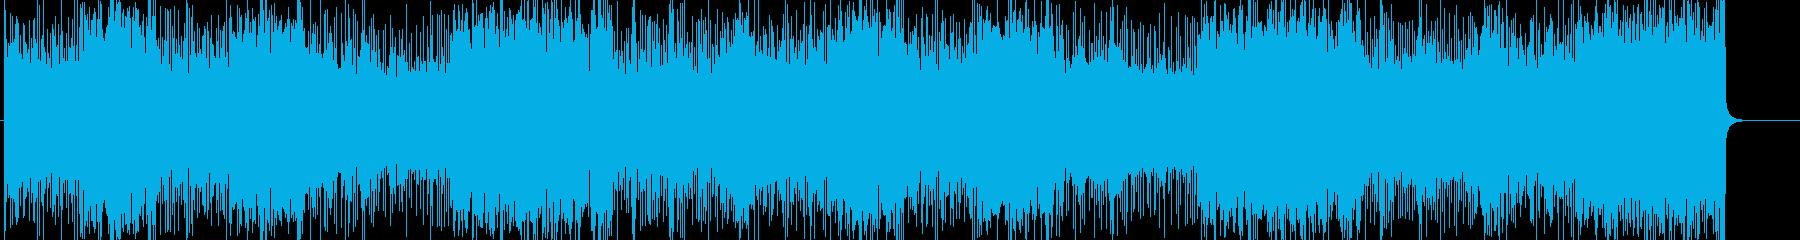 「HR/HM」「DEATH」BGM177の再生済みの波形